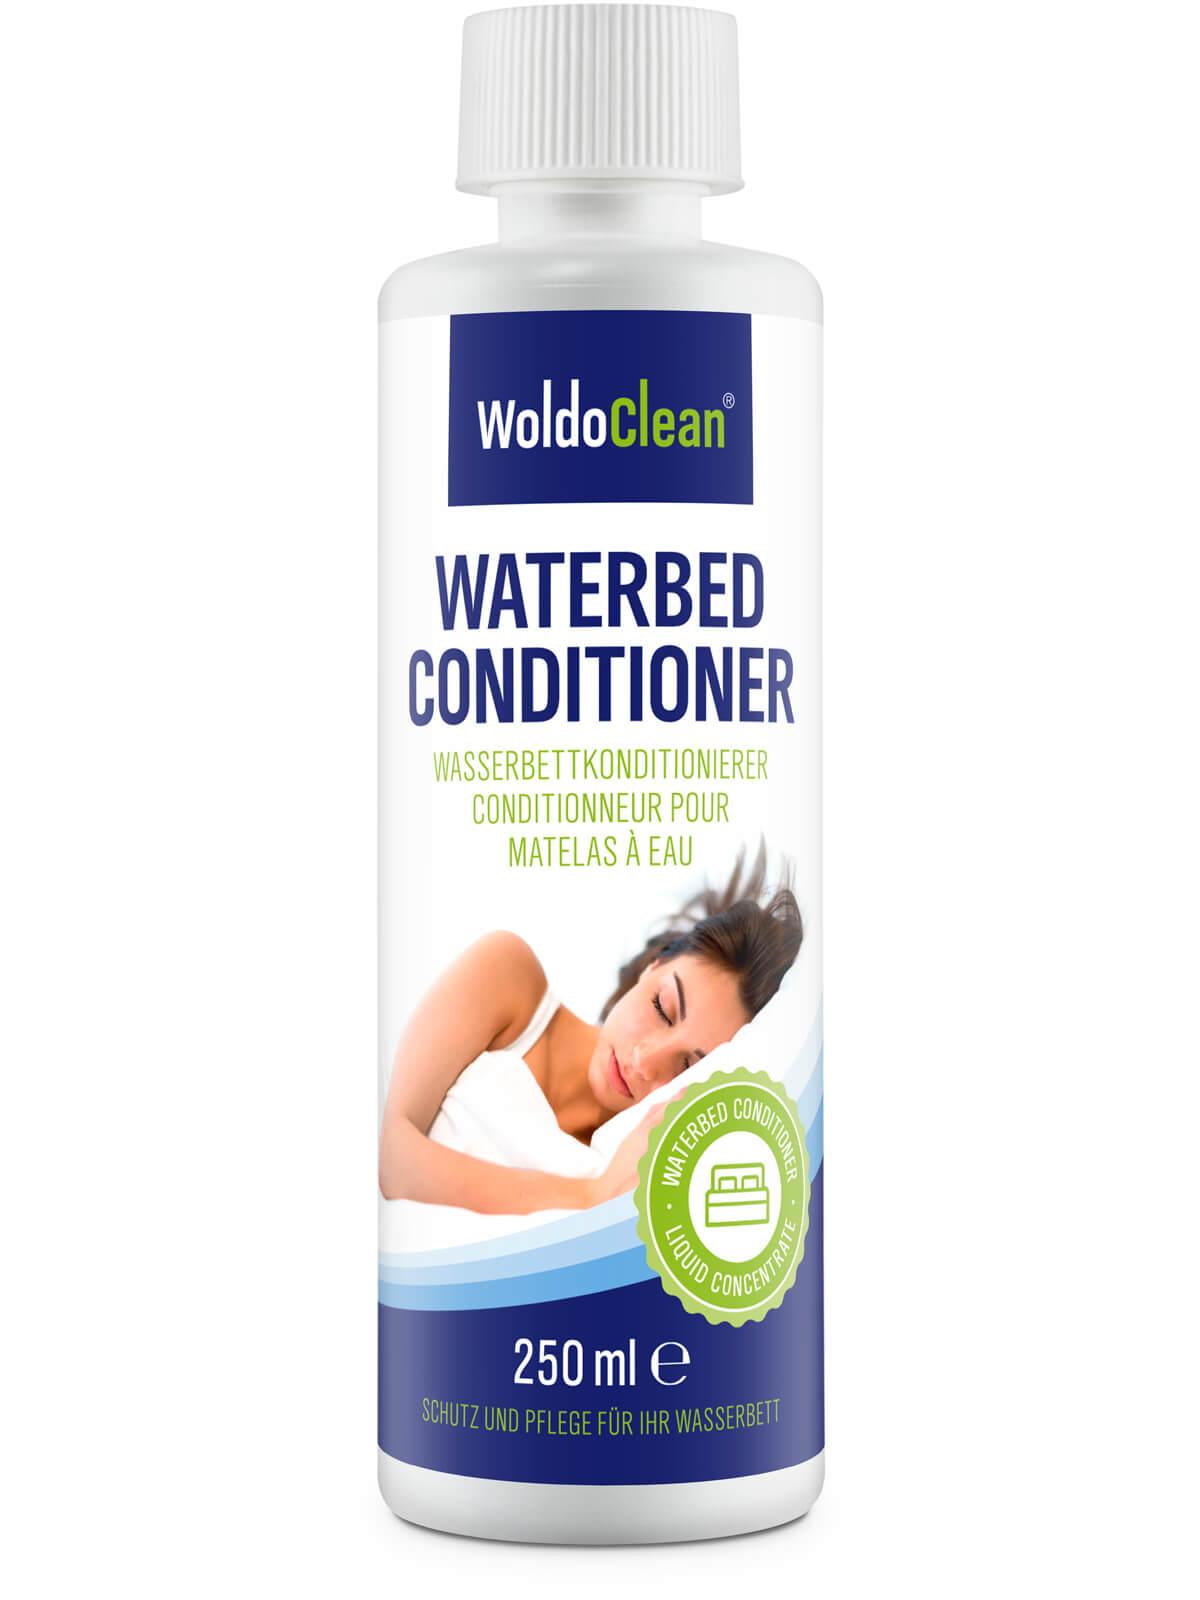 woldoclean-wasserbett-konditionierer-250ml-2